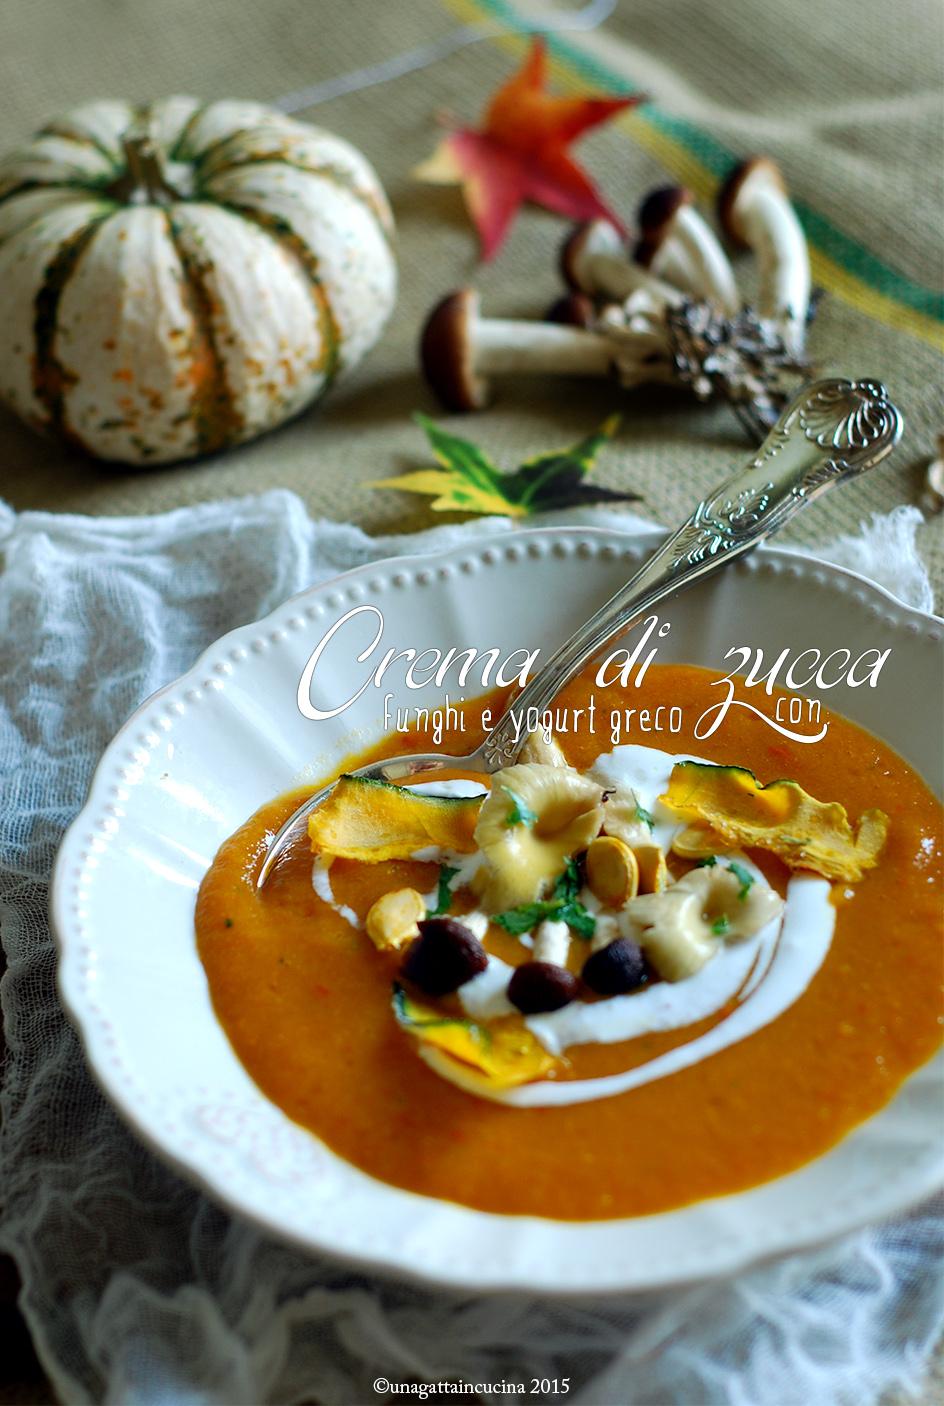 Crema di zucca con funghi e yogurt greco pumpkin and for Cucinare yogurt greco